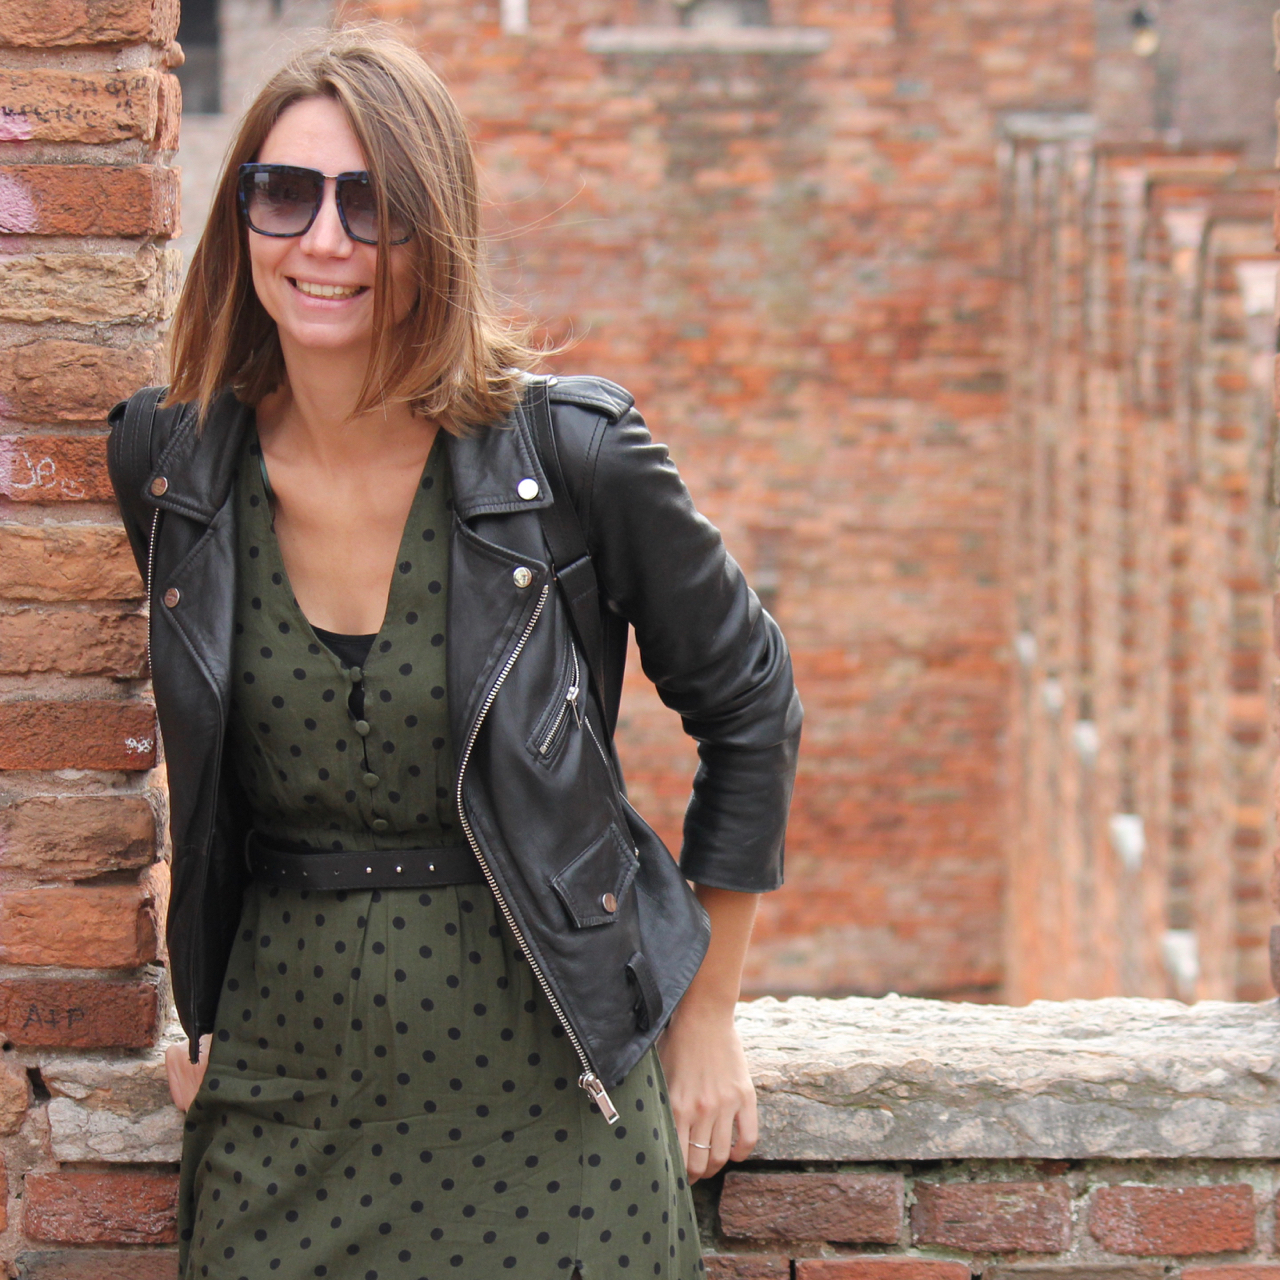 Verona, Italy - 19